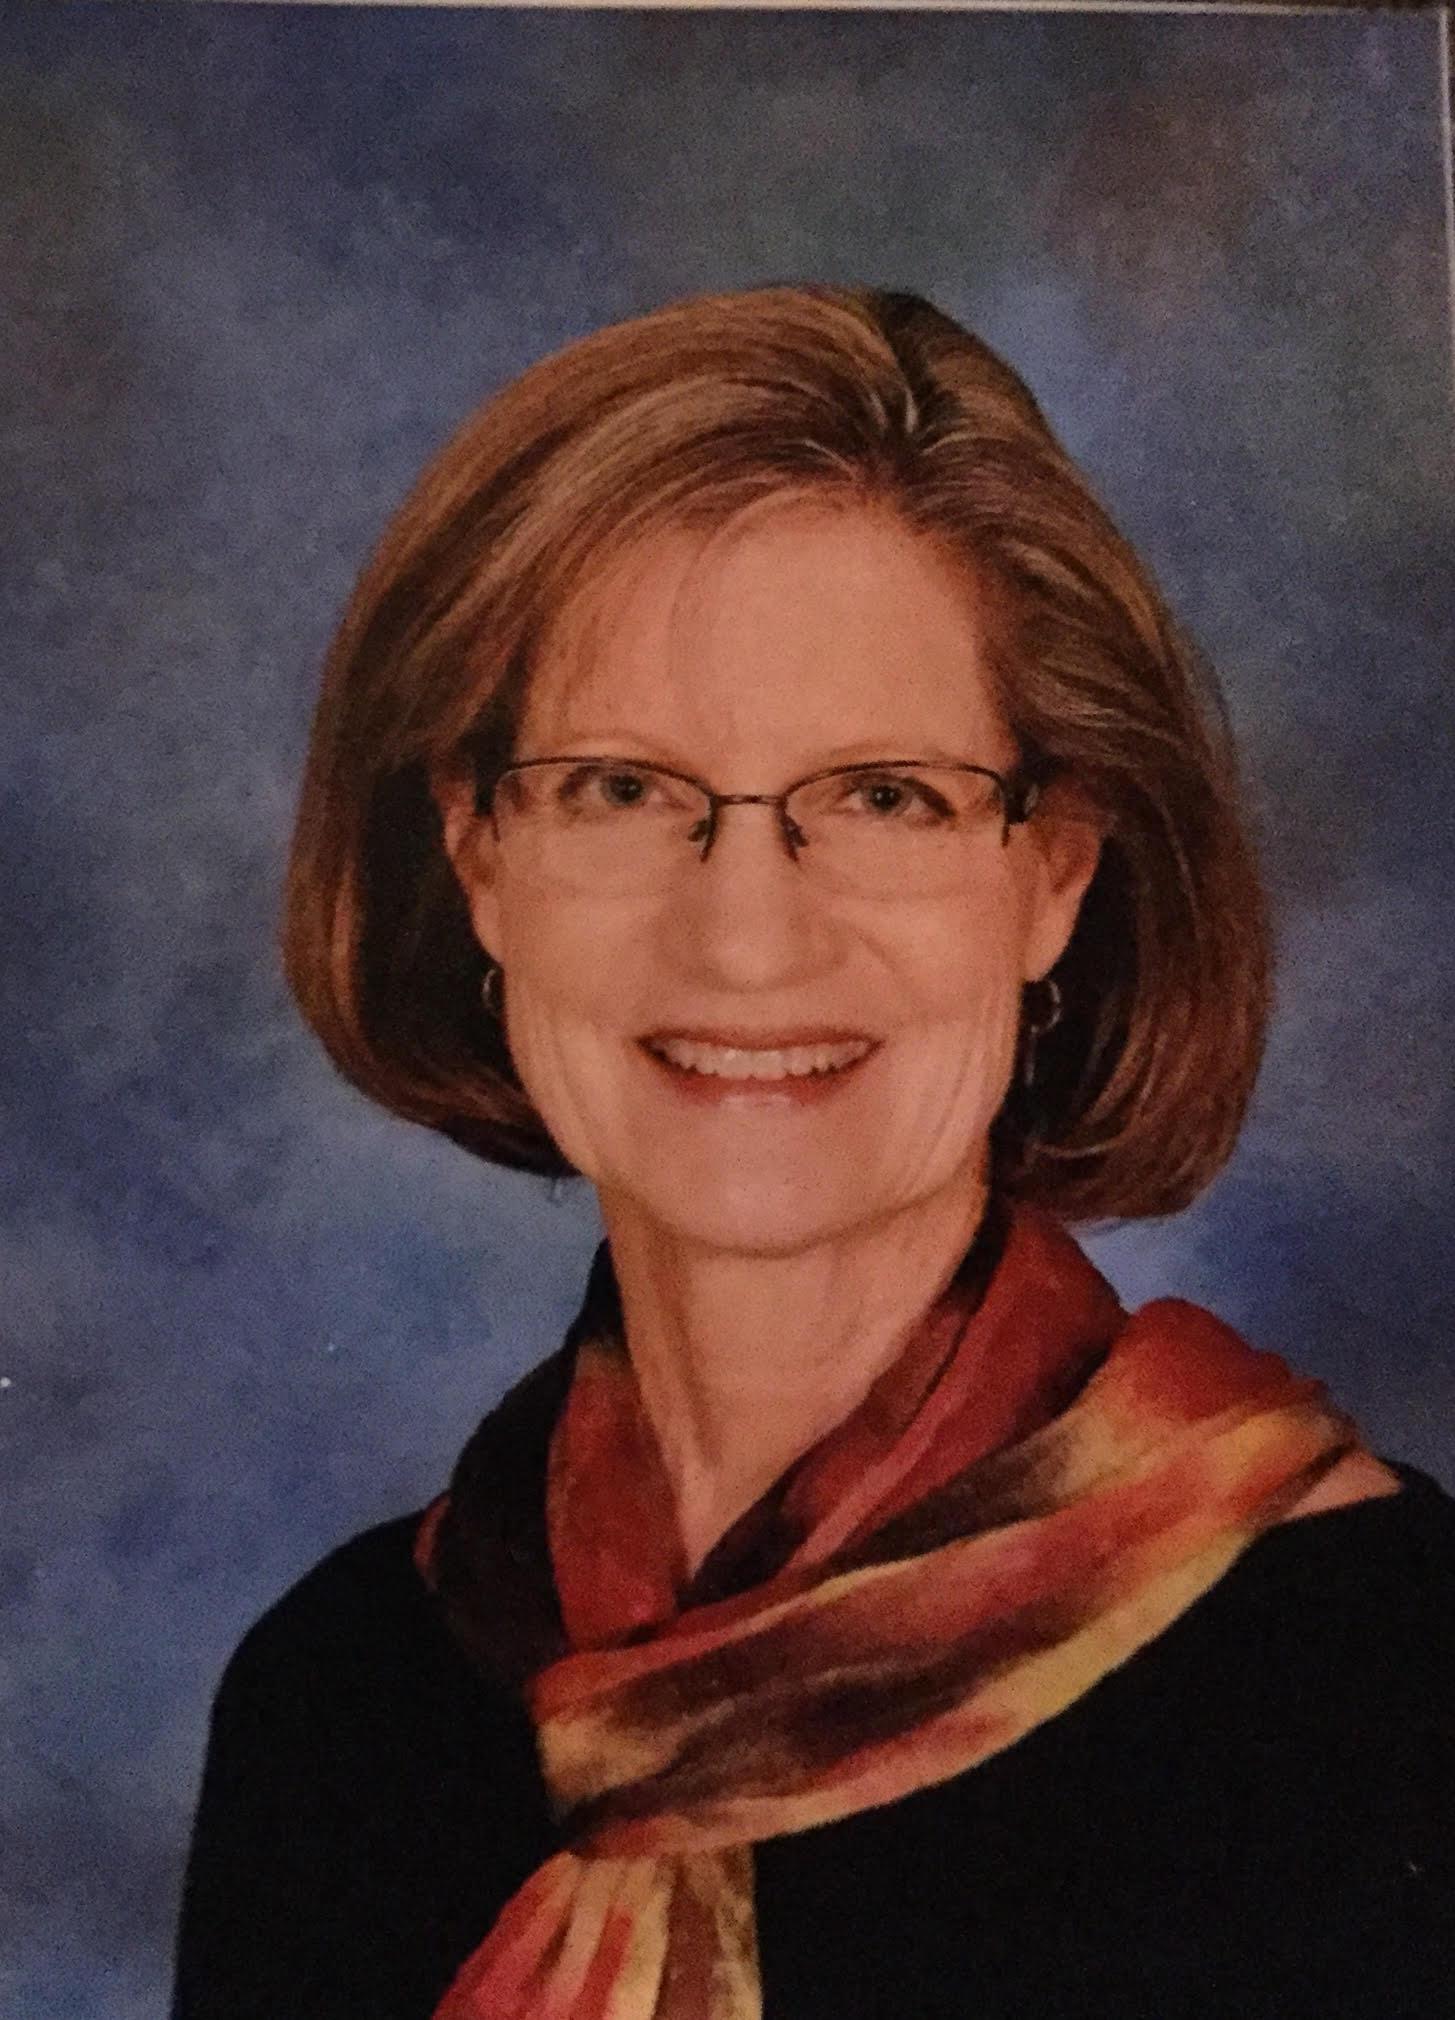 Mrs. Patton